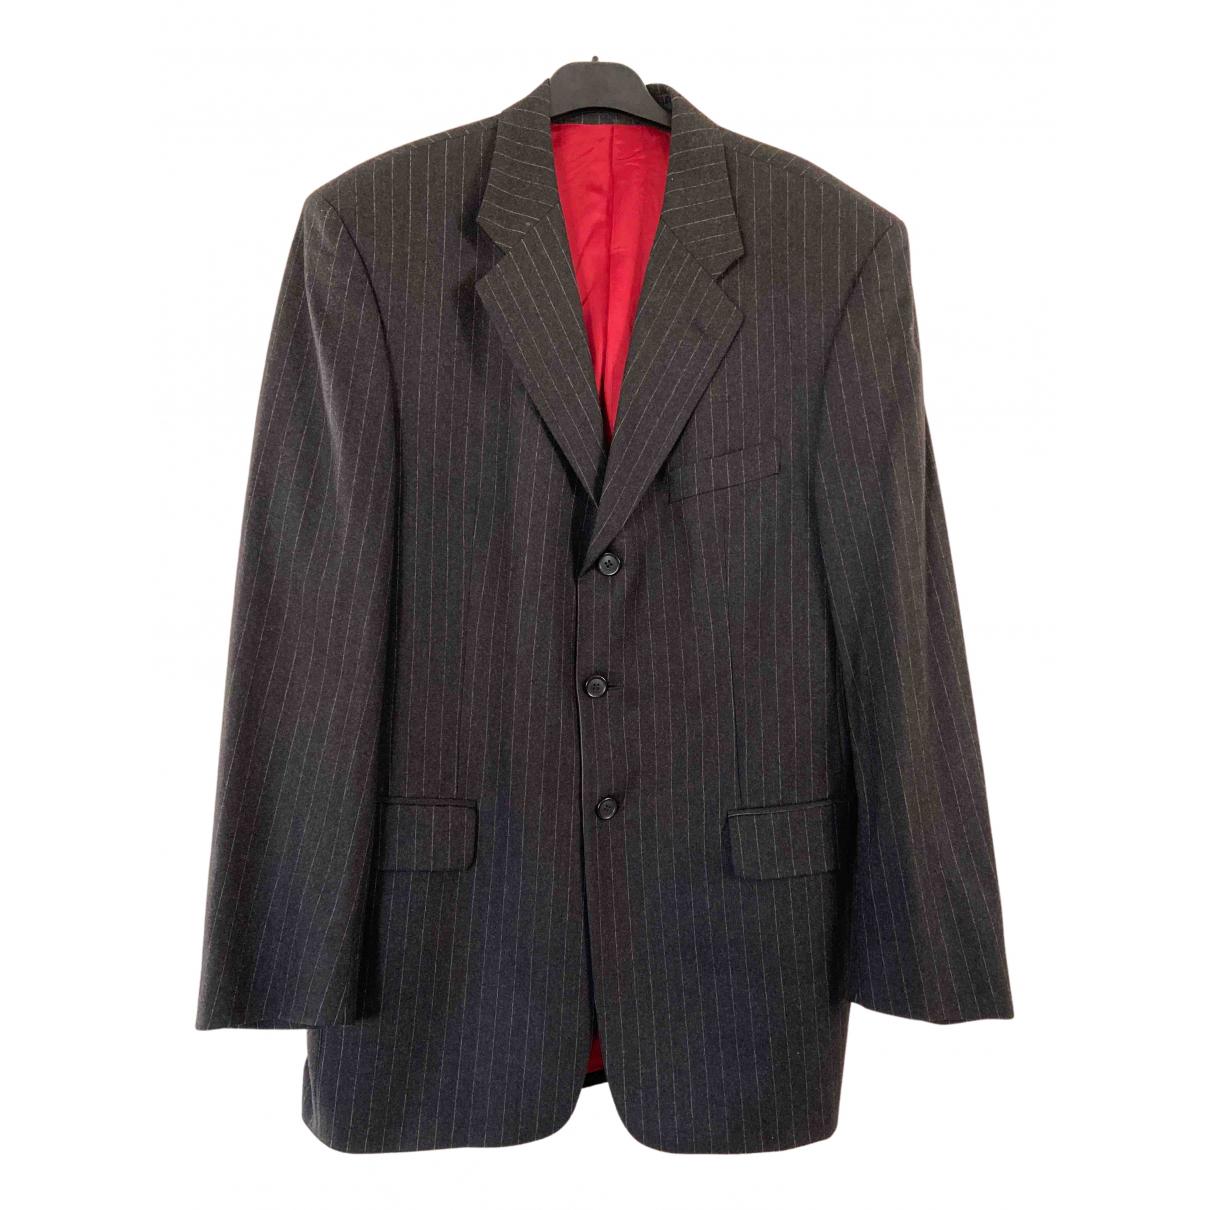 Rochas - Vestes.Blousons   pour homme en laine - gris